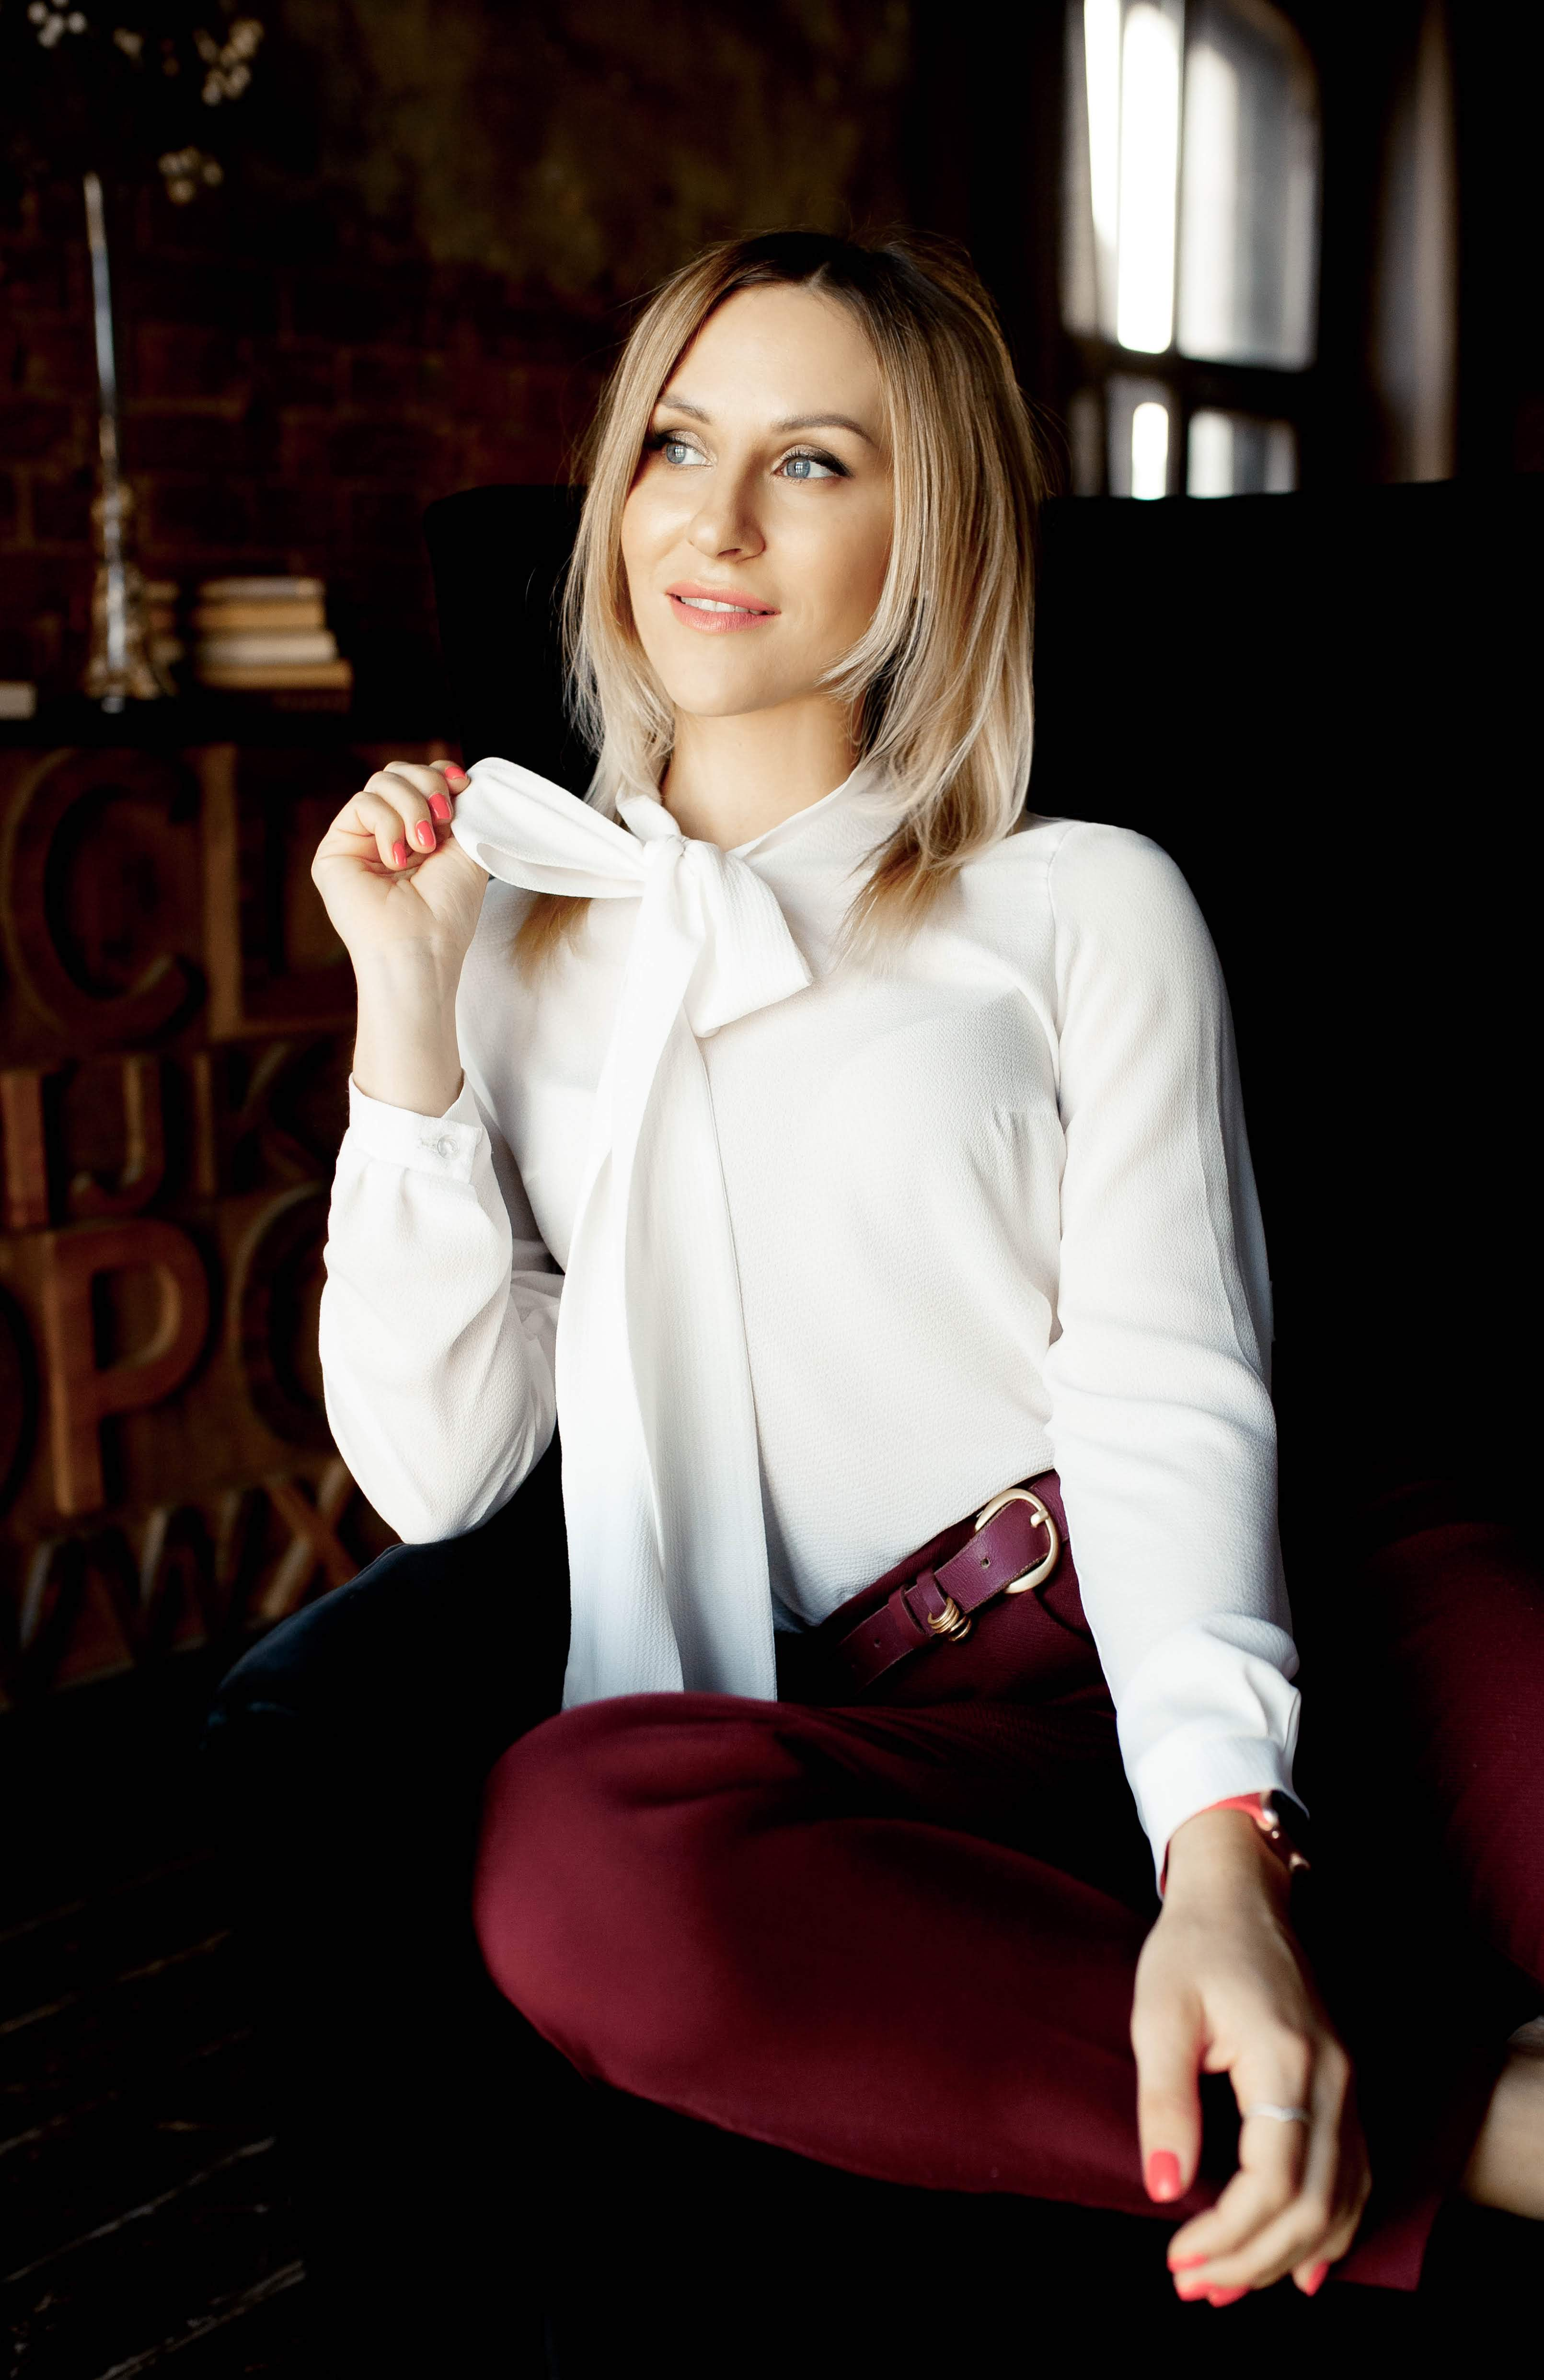 Agence matrimoniale rencontre de Maria  femme célibataire de 33 ans, Auxerre.